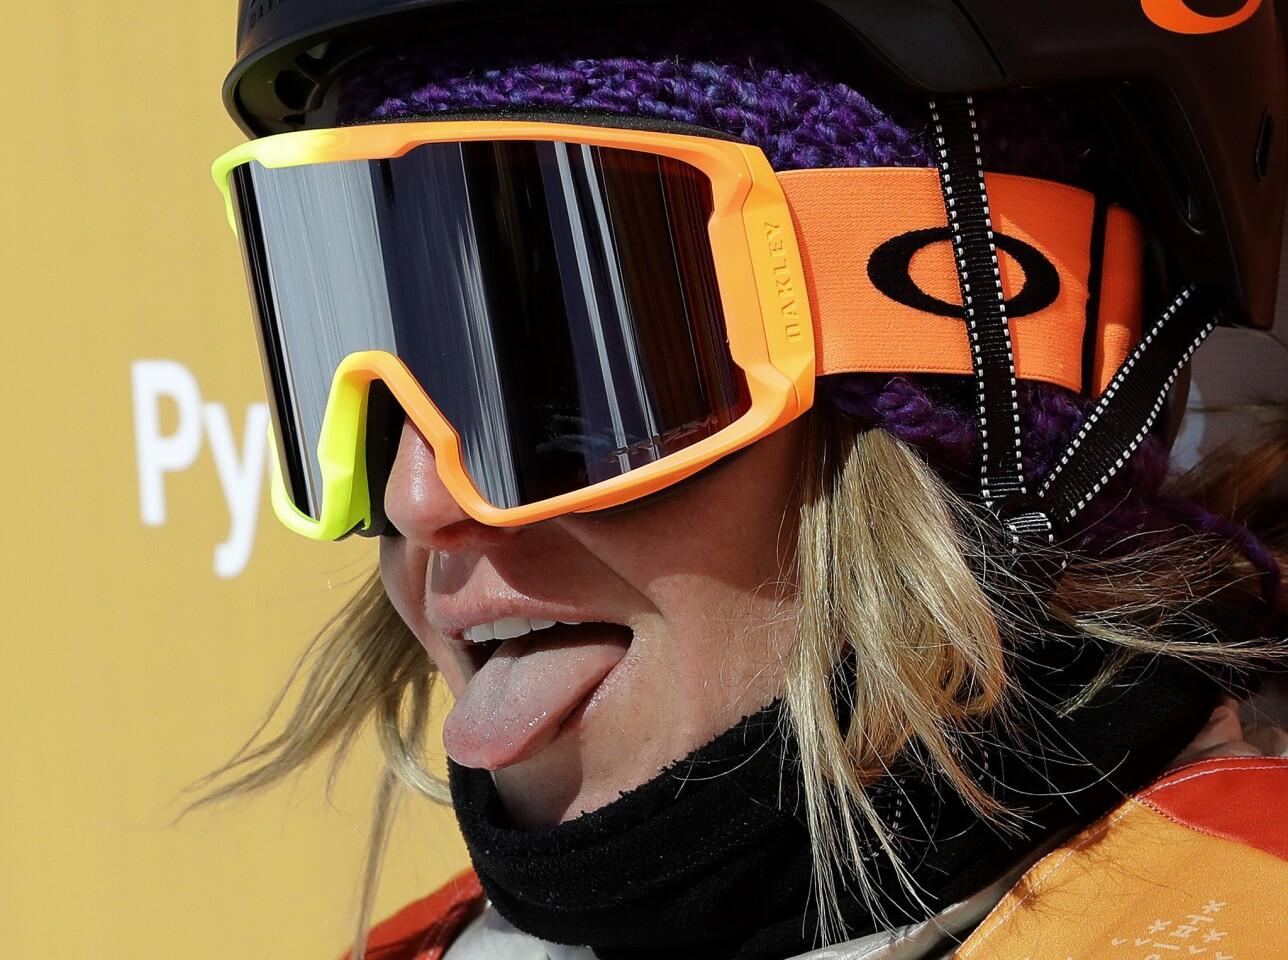 La estadounidense Jamie Anderson muestra la lengua tras observar la puntuación que le reditúa la medalla de oro en el snowboarding, dentro de la modalidad de slopestyle, el lunes 12 de febrero de 2018, en los Juegos Olímpicos de Invierno en Pyeongchang, Corea del Sur (AP Foto/Lee Jin-man)